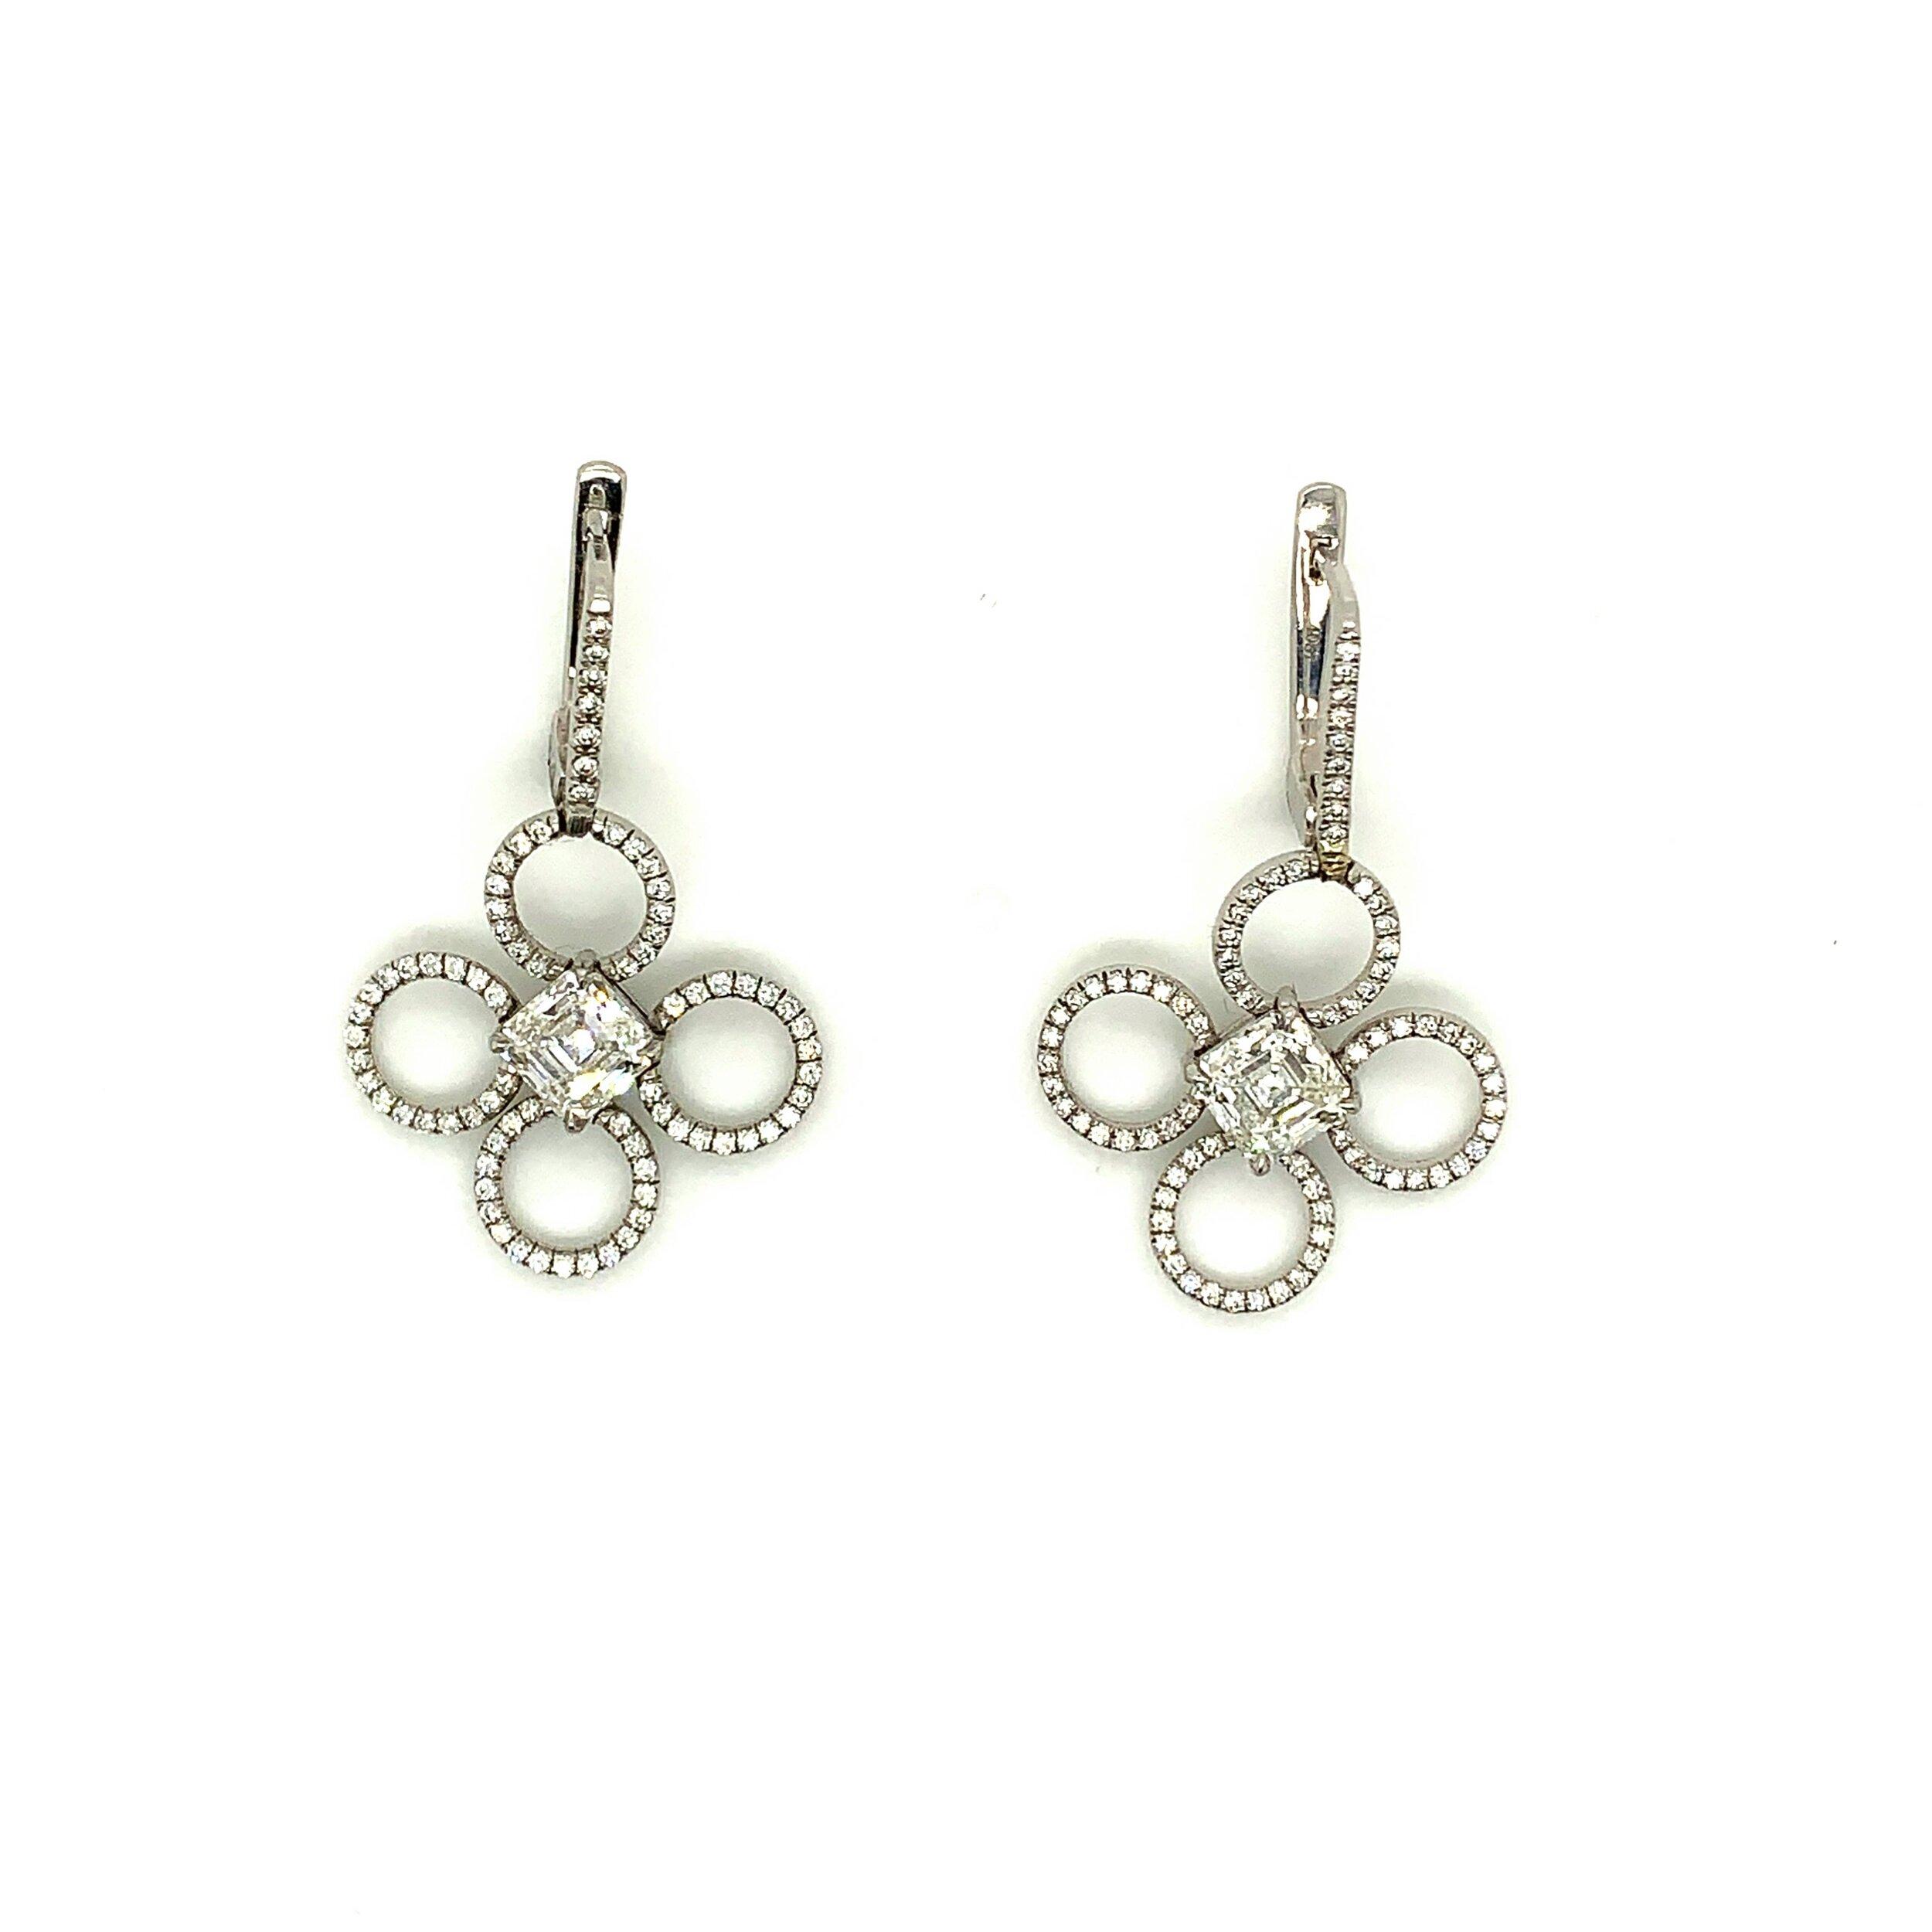 Diamond & Platinum Earrings   Est. US$ 5,000-6,500